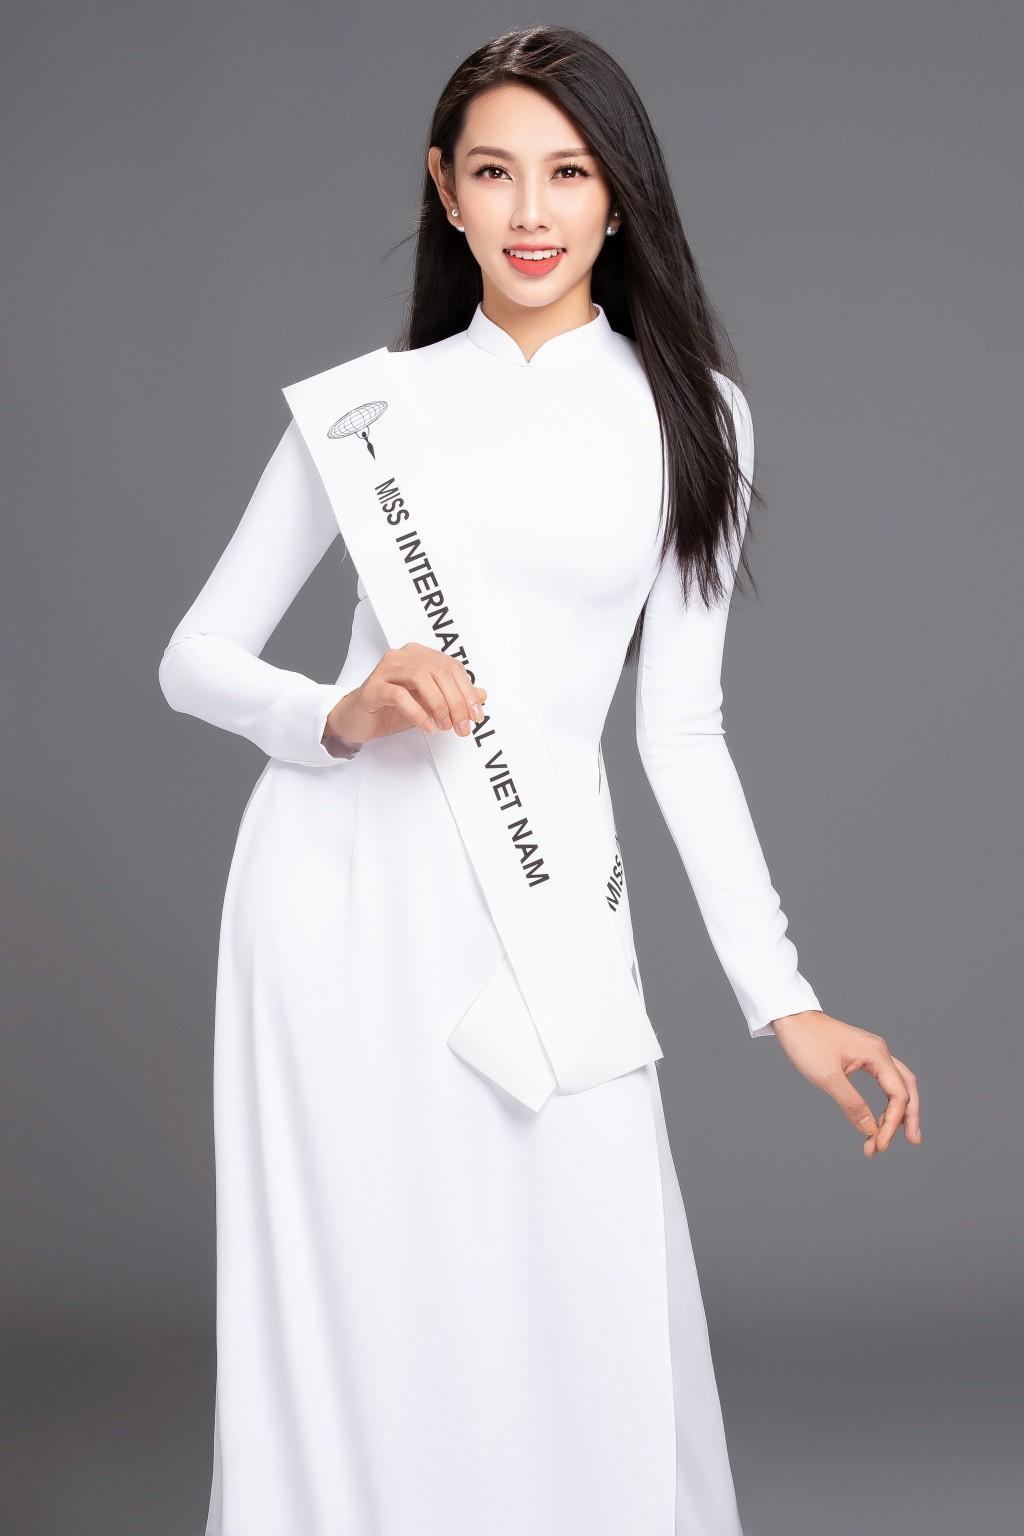 Các đại diện Việt Nam đang được chuyên trang sắc đẹp quốc tế đánh giá thế nào khi đem chuông đi đánh xứ người? - Ảnh 4.